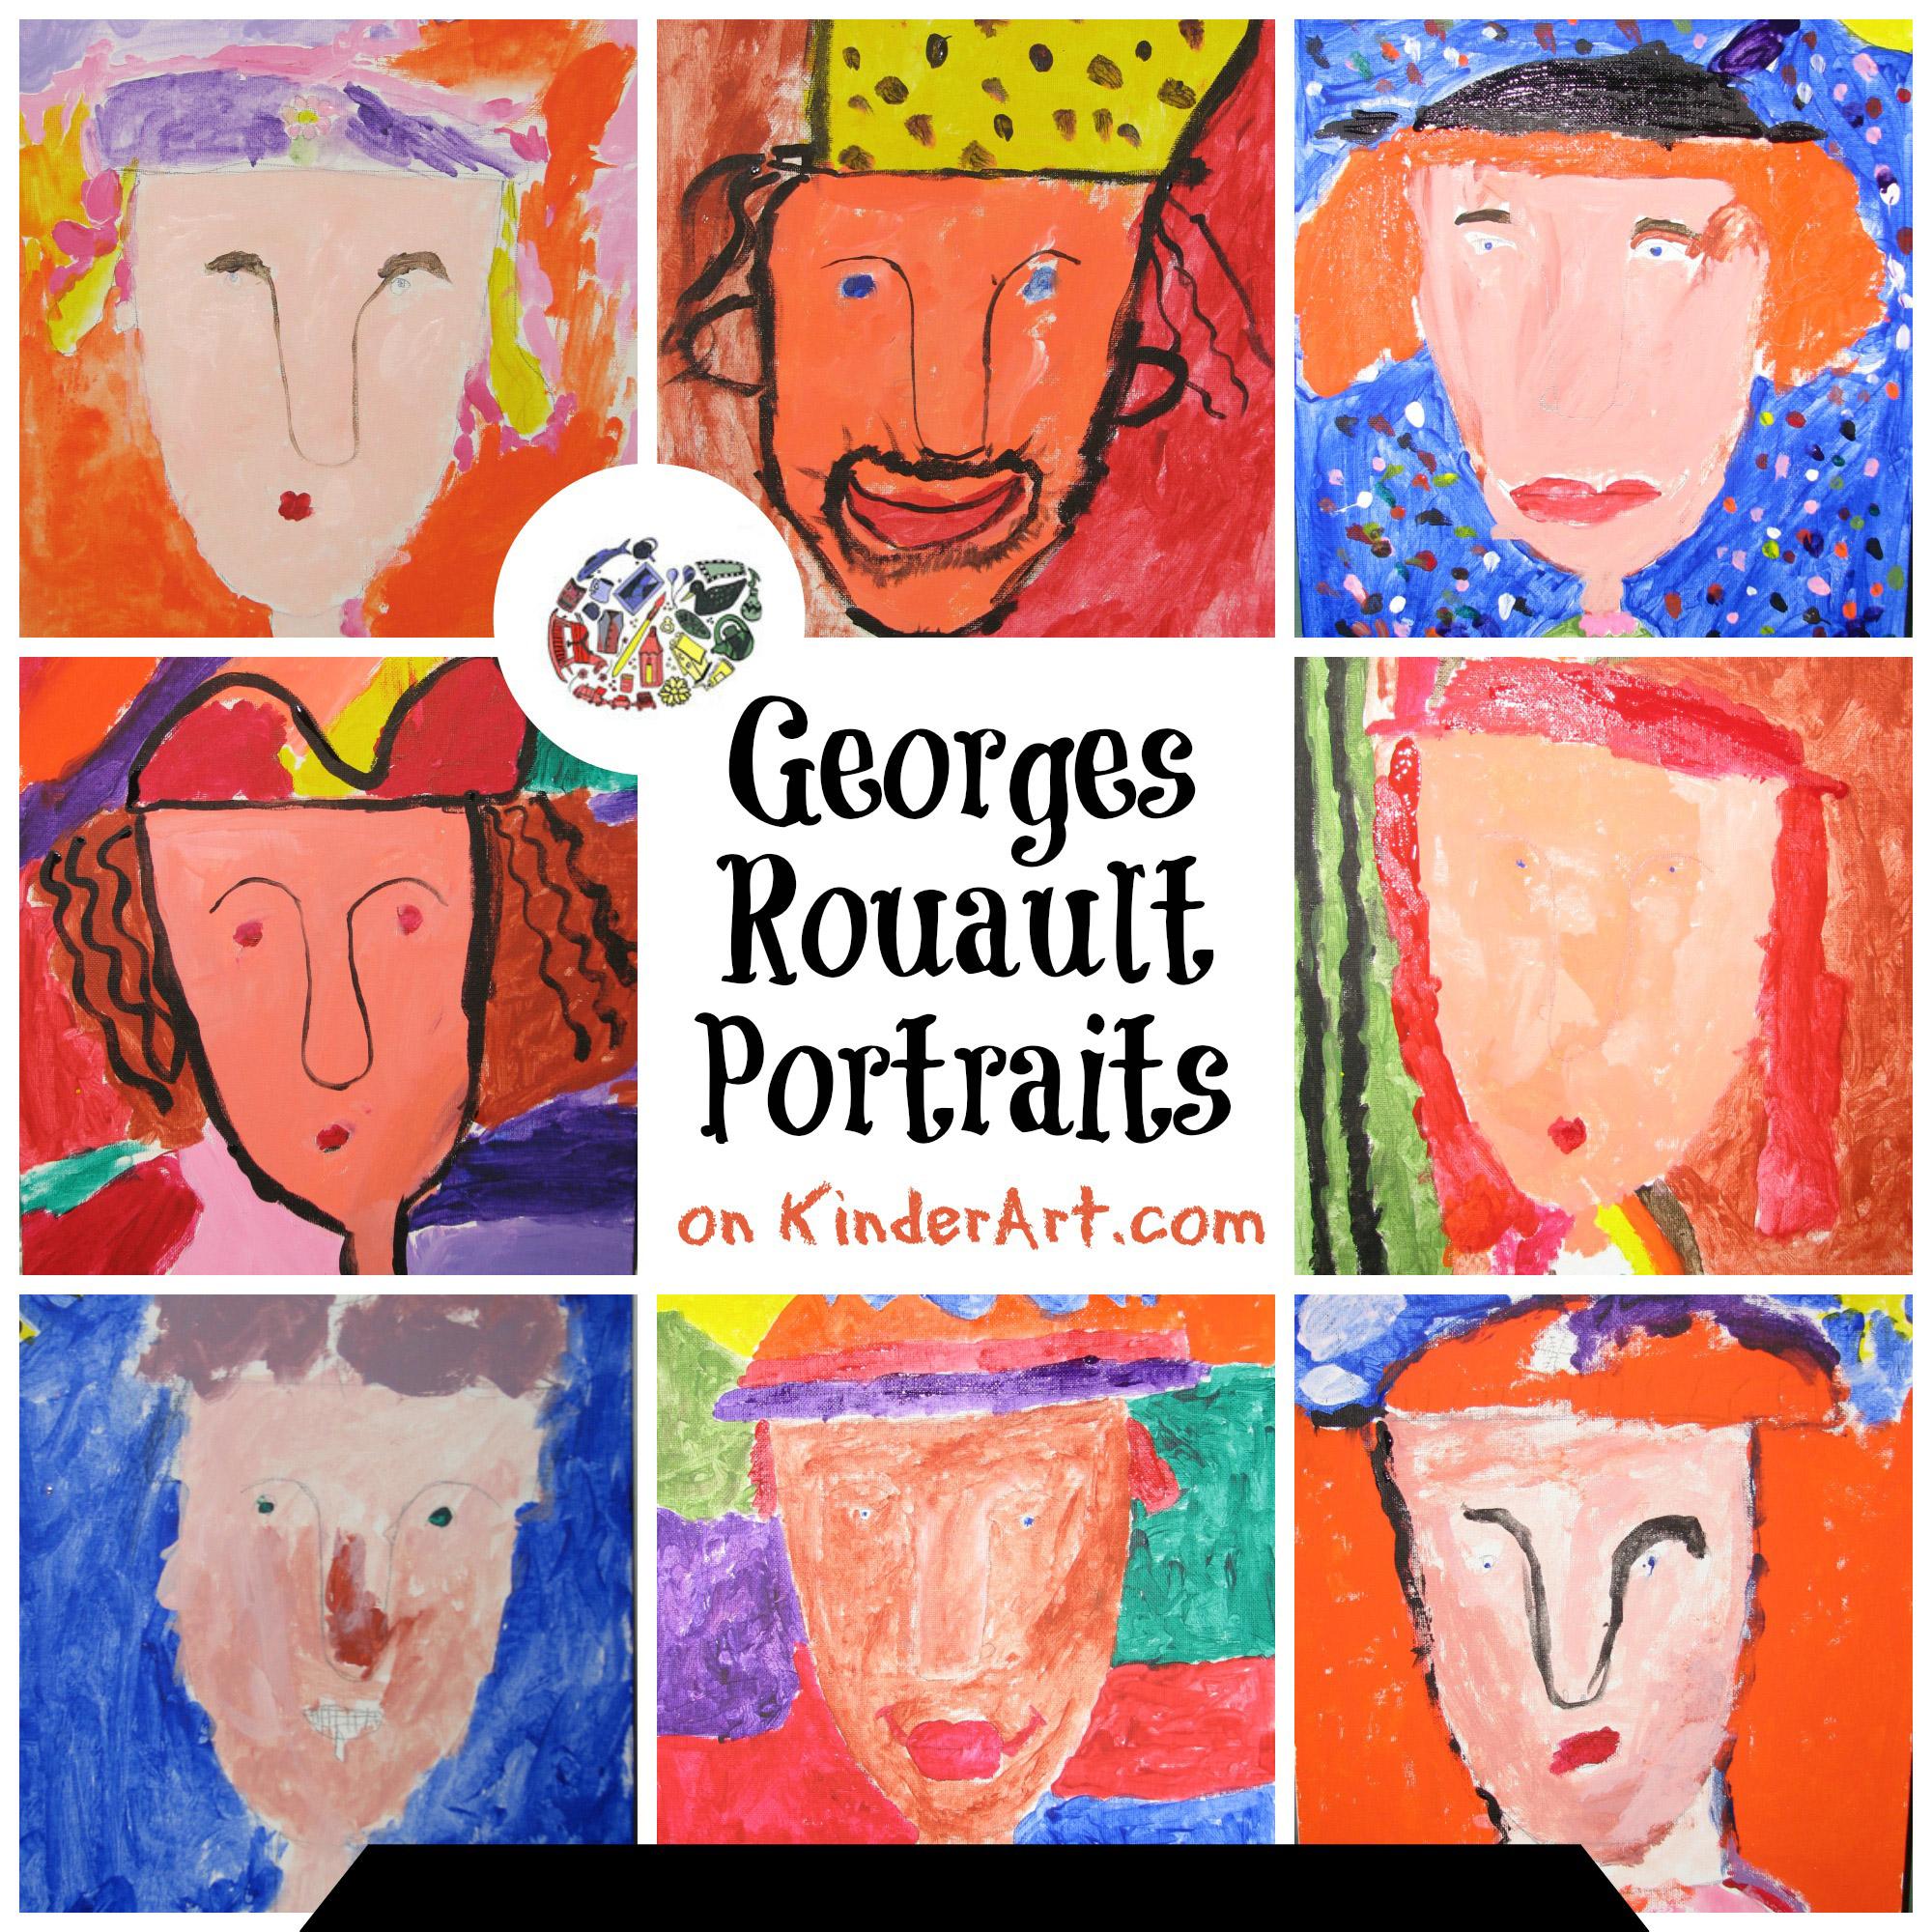 georges_rouault